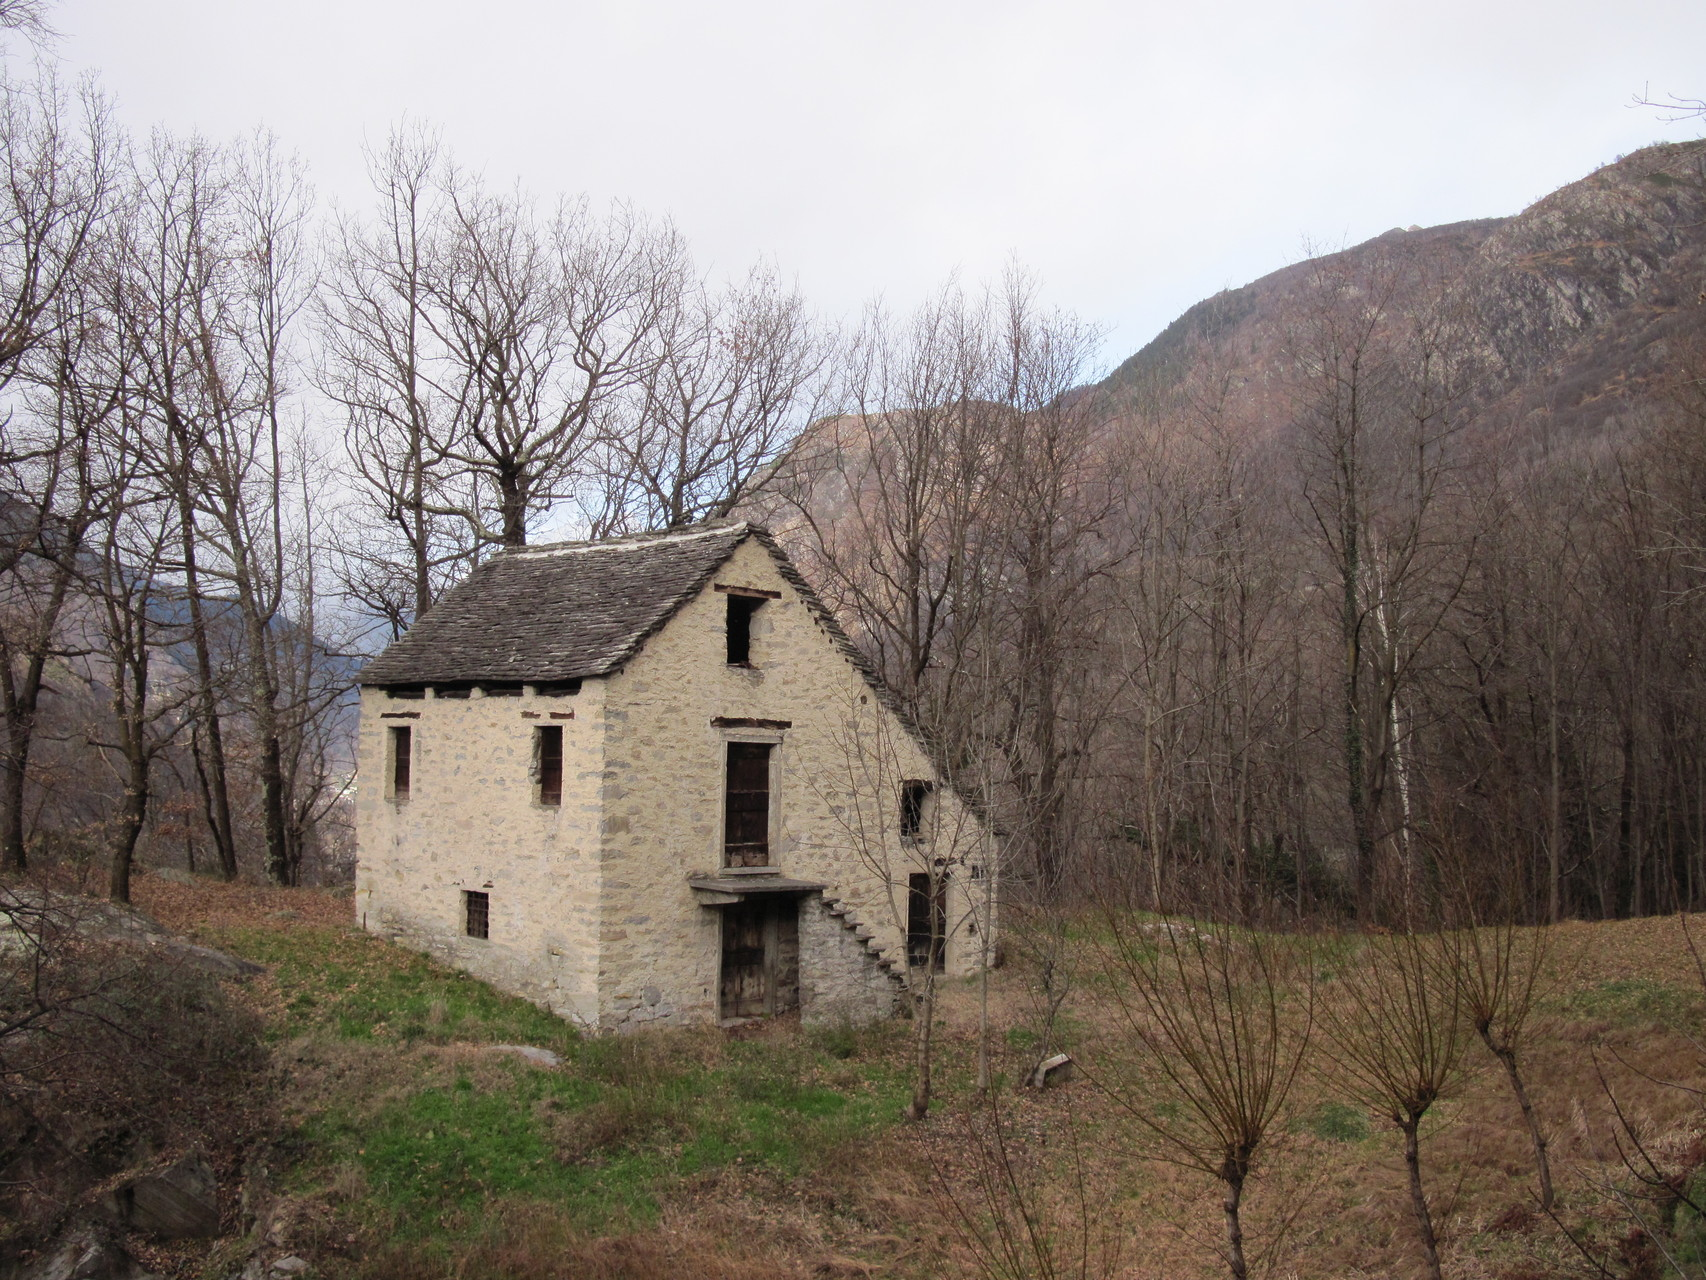 Eines der unzähligen alten, verlassenen Häuser